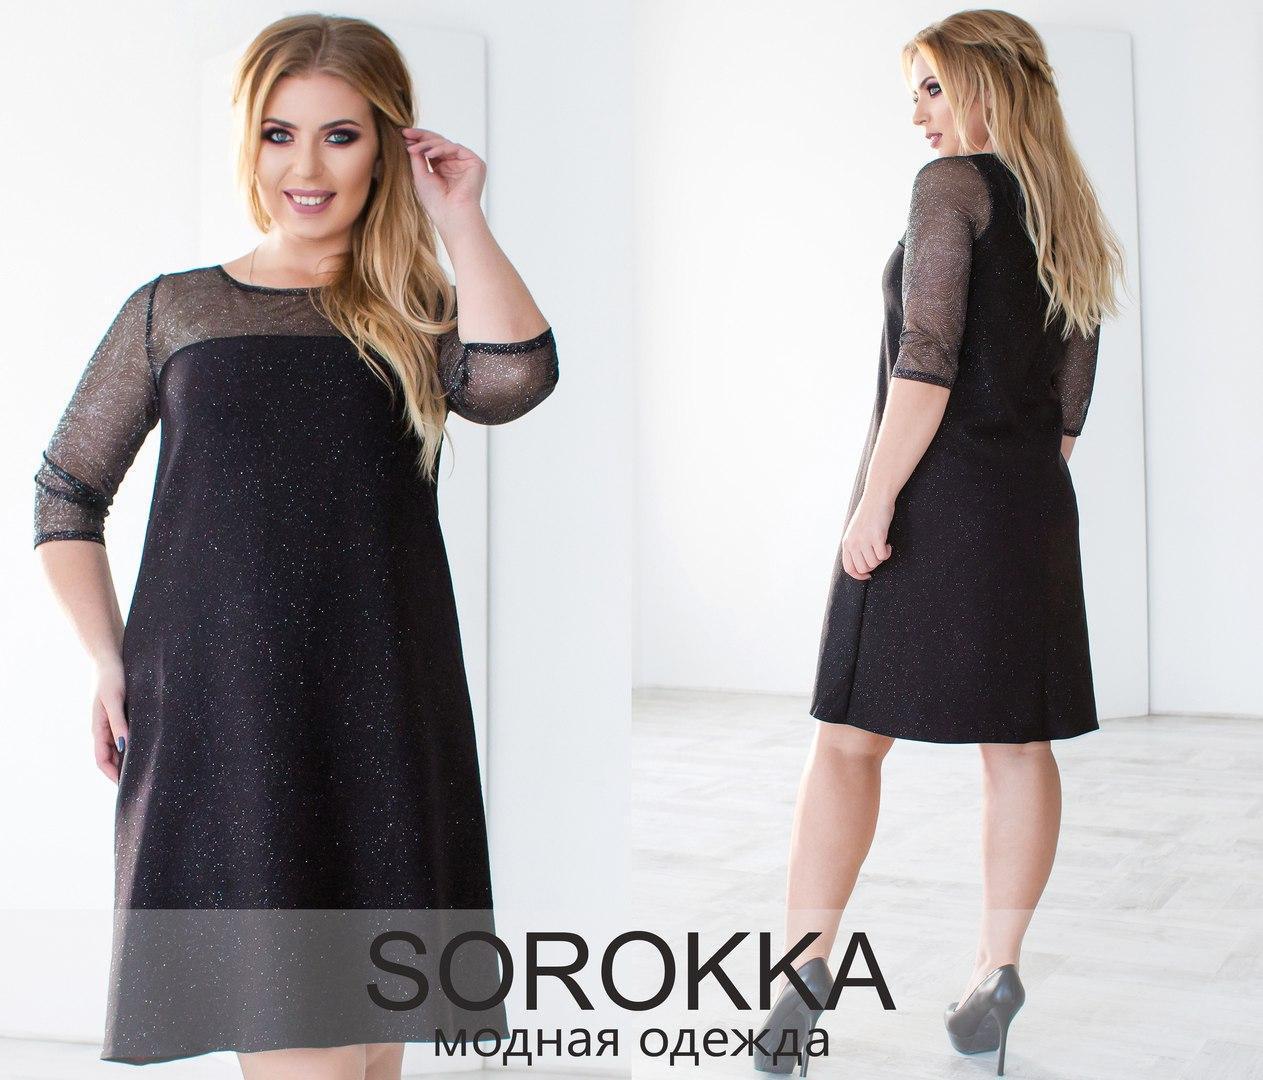 Нарядное женское платье свободного пошива  Размер: 48-50, 52-54, 56-58